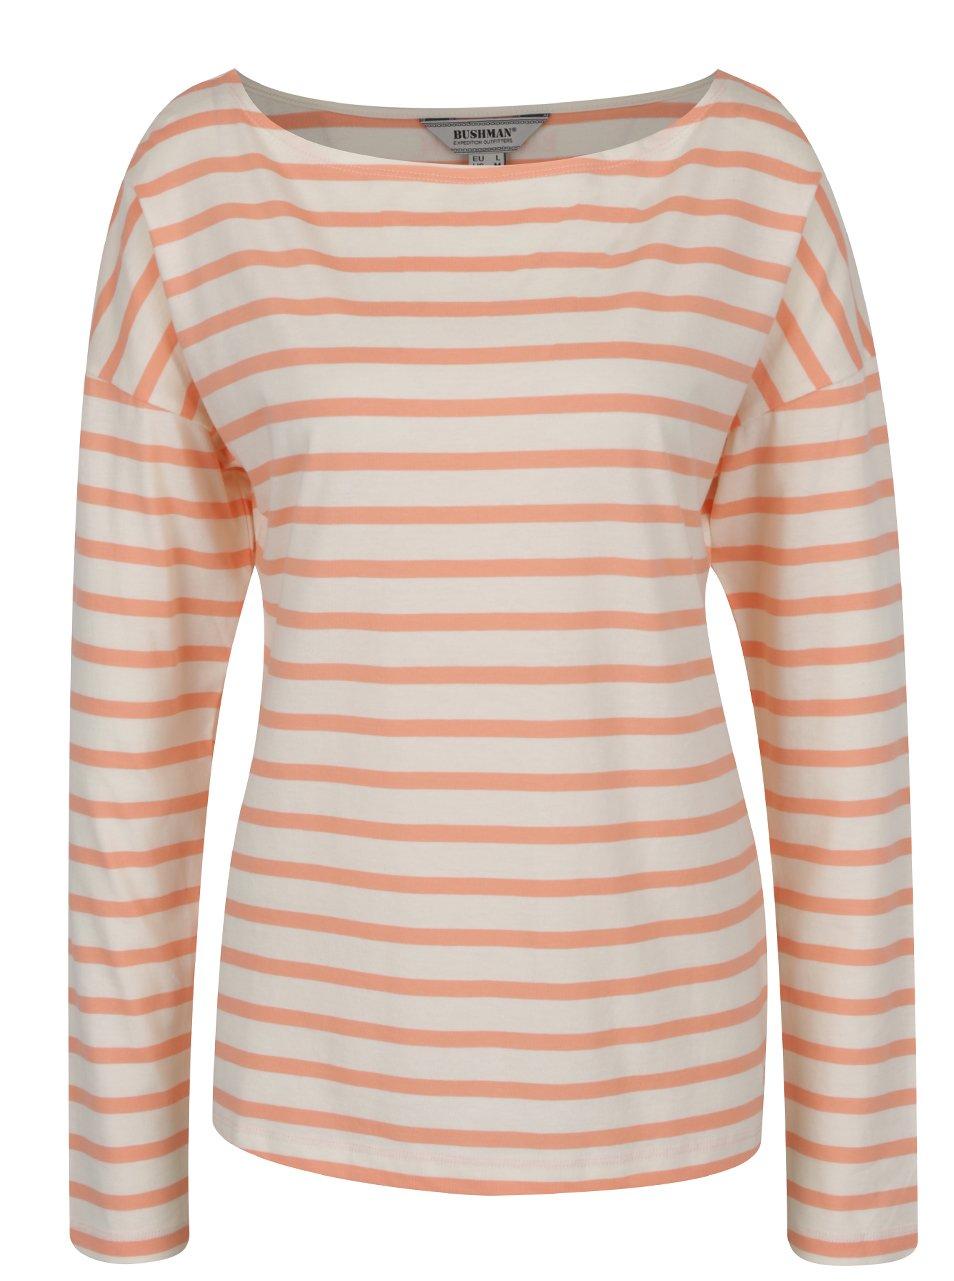 Oranžovo-krémové dámské pruhované tričko s lodičkovým výstřihem BUSHMAN Sailora